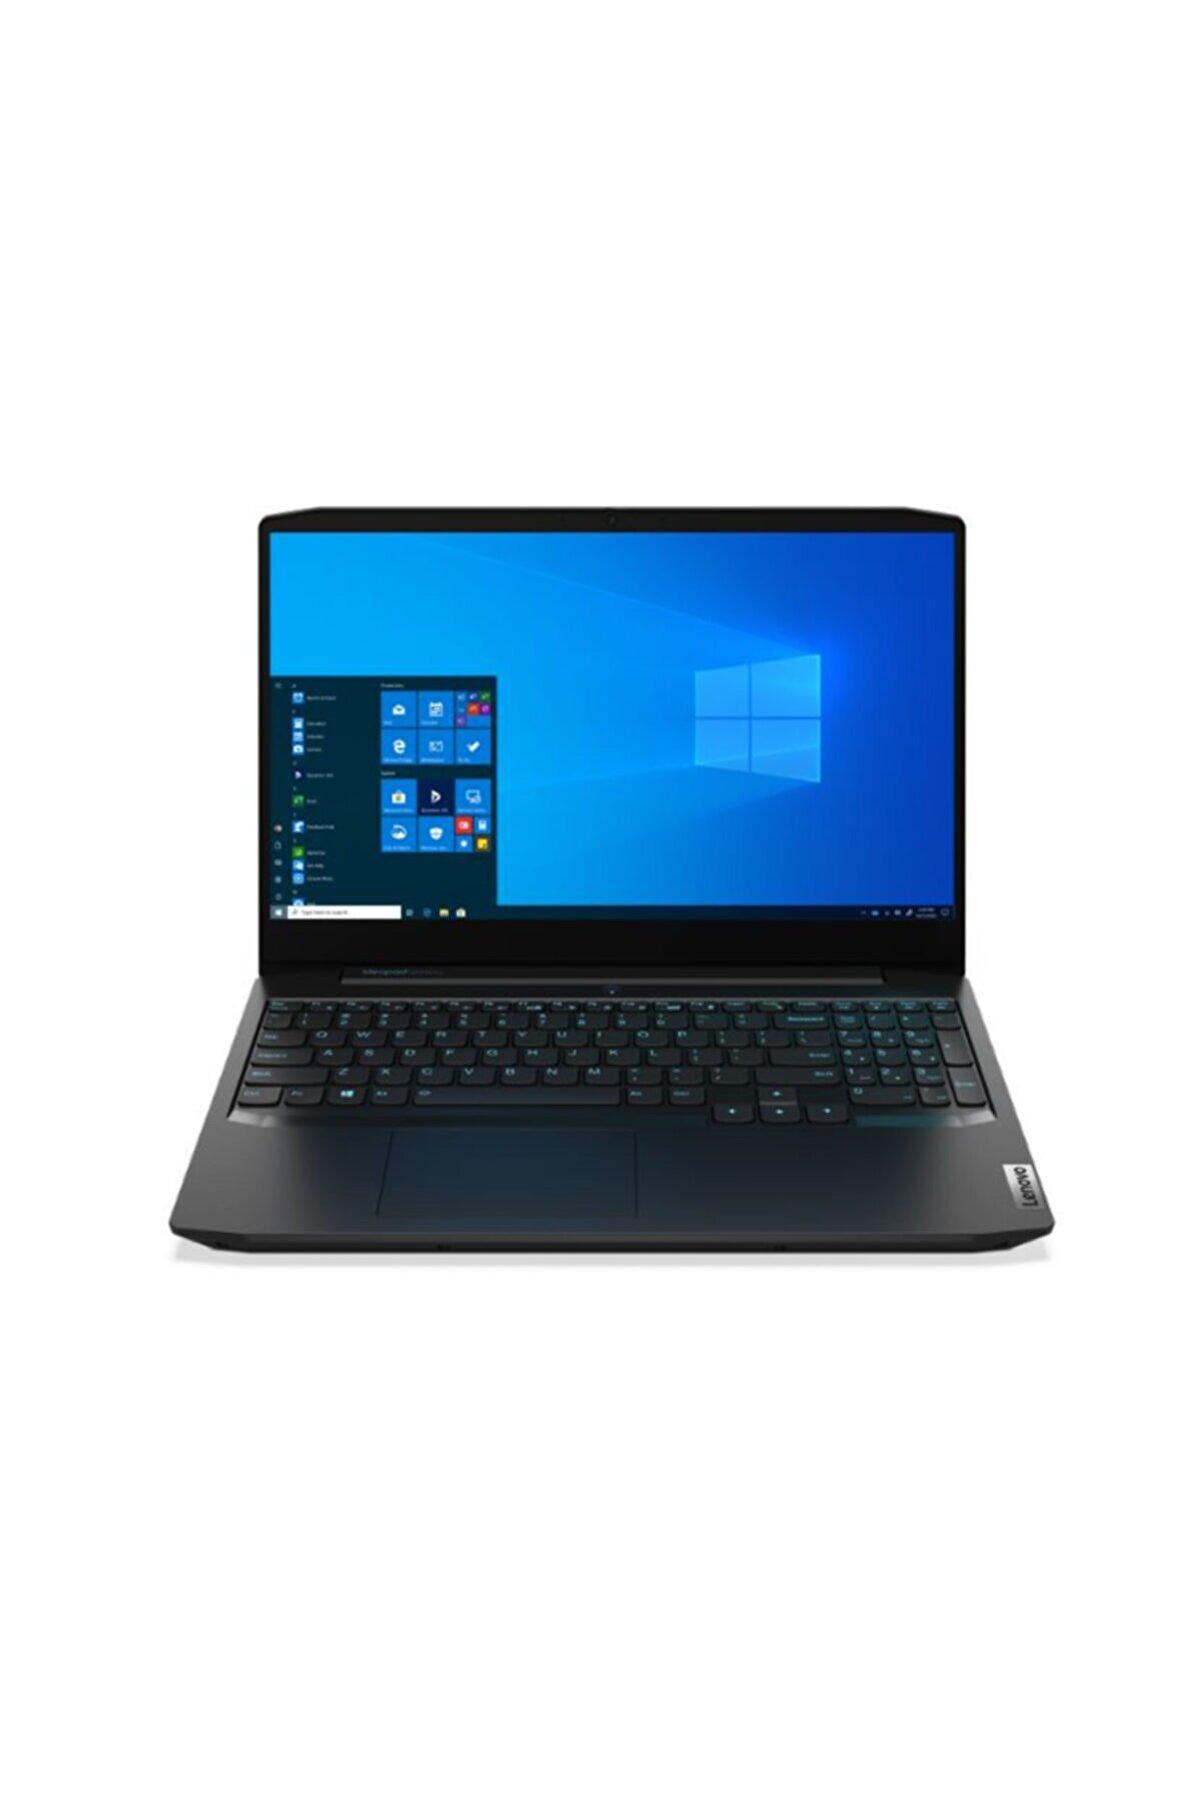 LENOVO Ideapad 81y400datx3 I5 16g 512gb 4gb Gtx1650 15.6 Fhd Fdos